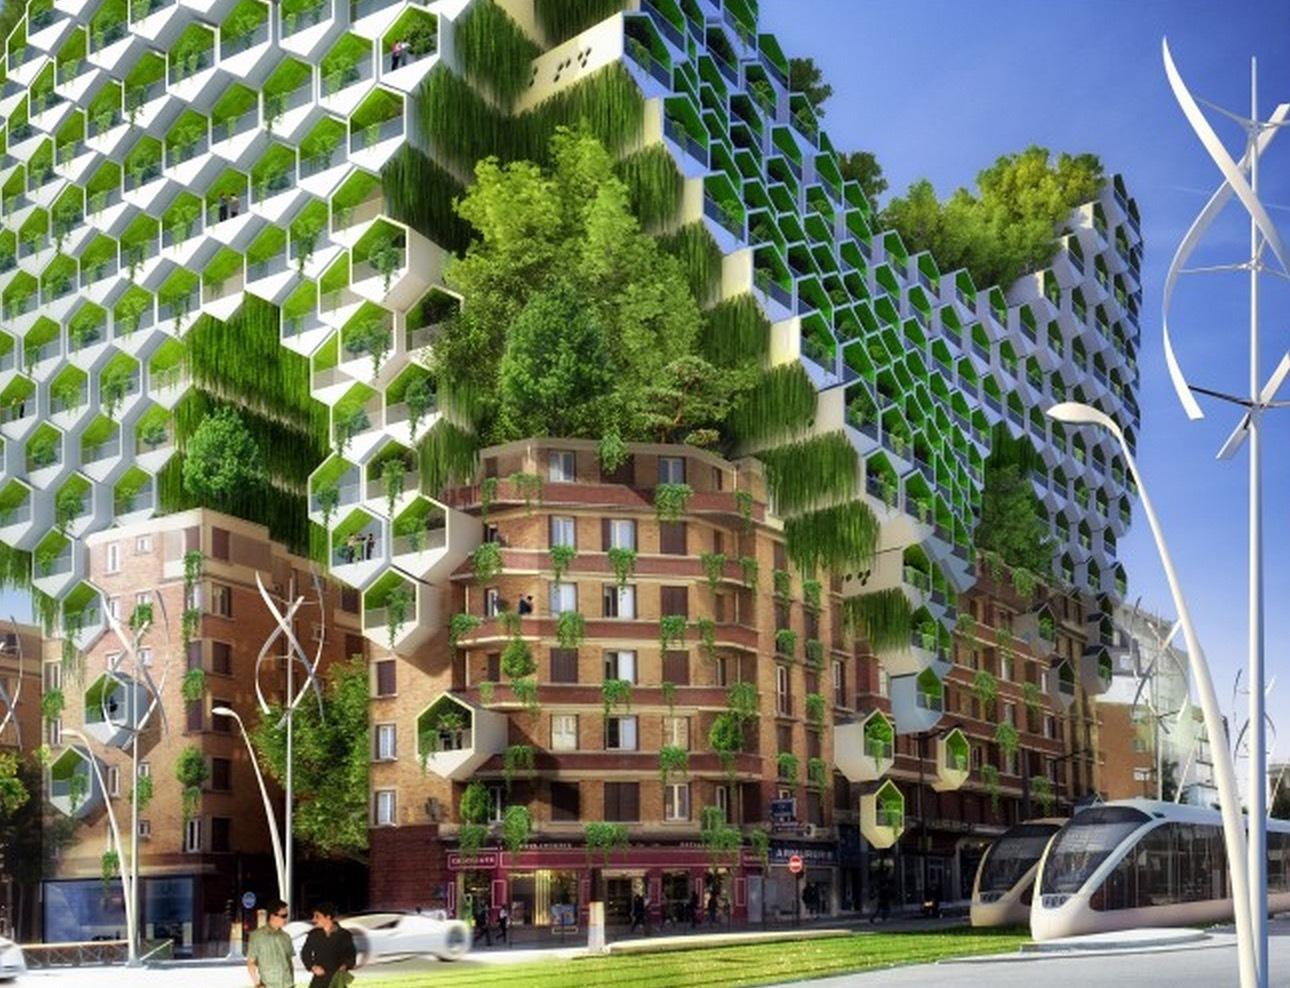 Foto de Paris Smart City 2050 (14/14)